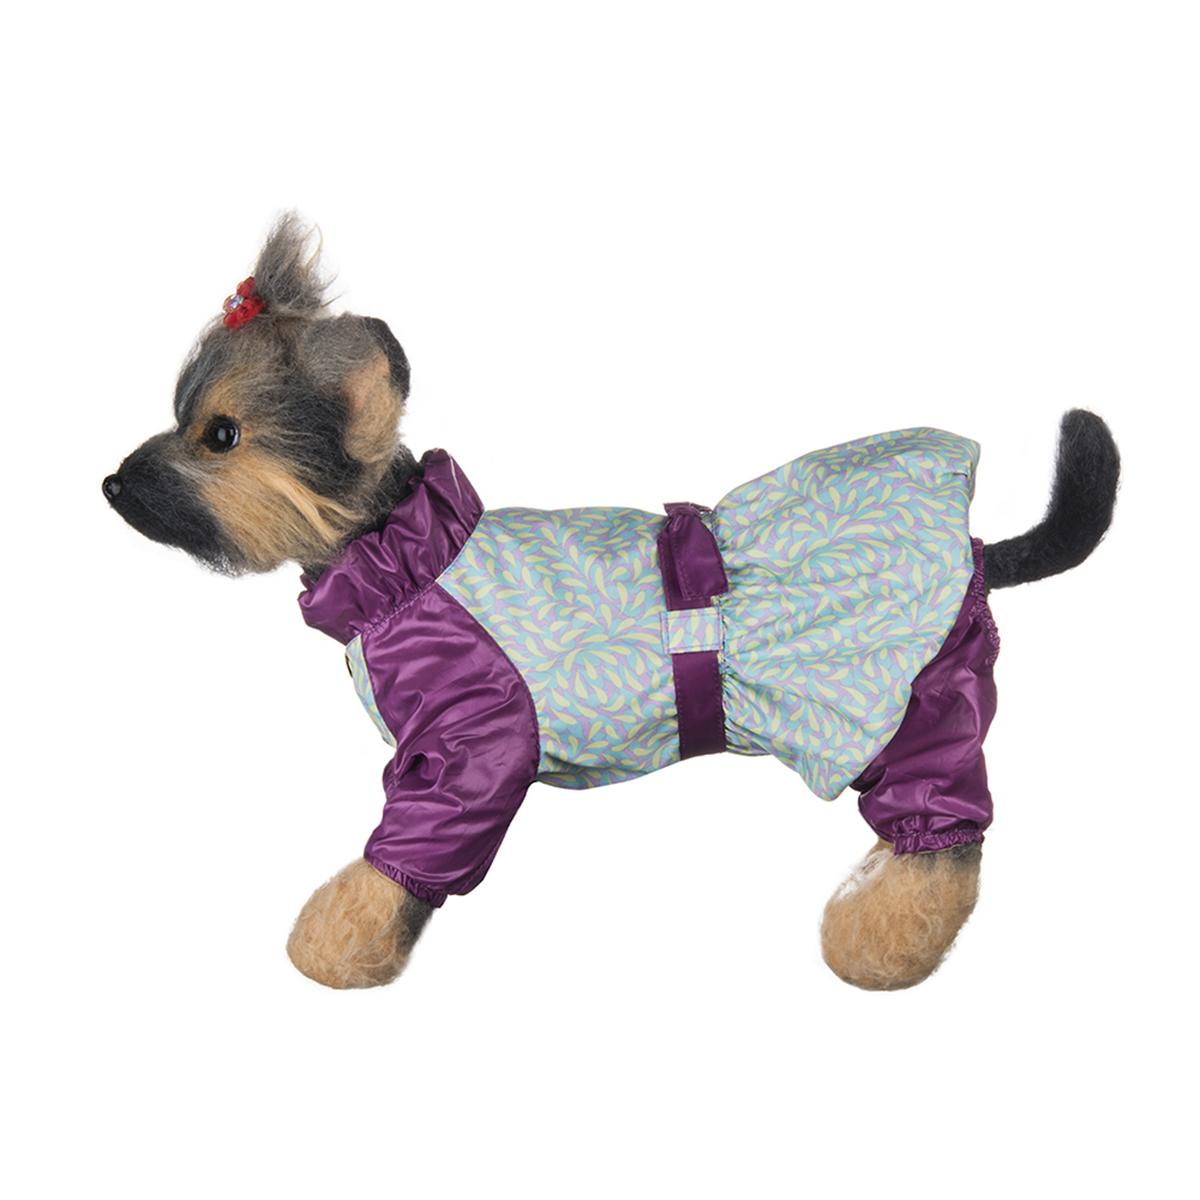 Комбинезон для собак Dogmoda Настроение, для девочки, цвет: фиолетовый, мятный, желтый. Размер 2 (M)DM-150314-2Нежный и романтичный комбинезон для собак Dogmoda Настроение отлично подойдет для прогулок в прохладную погоду. Комбинезон изготовлен из полиэстера, защищающего от ветра и осадков, с подкладкой из вискозы, которая сохранит обеспечит отличный воздухообмен. Комбинезон застегивается на кнопки, благодаря чему его легко надевать и снимать. Ворот, низ рукавов и брючин оснащены внутренними резинками, которые мягко обхватывают шею и лапки, не позволяя просачиваться холодному воздуху. На пояснице комбинезон затягивается на стильный ремень-кулиску. Изделие имеет очаровательную юбку и закрытый живот. Благодаря такому комбинезону простуда не грозит вашему питомцу и он не даст любимцу продрогнуть на прогулке.